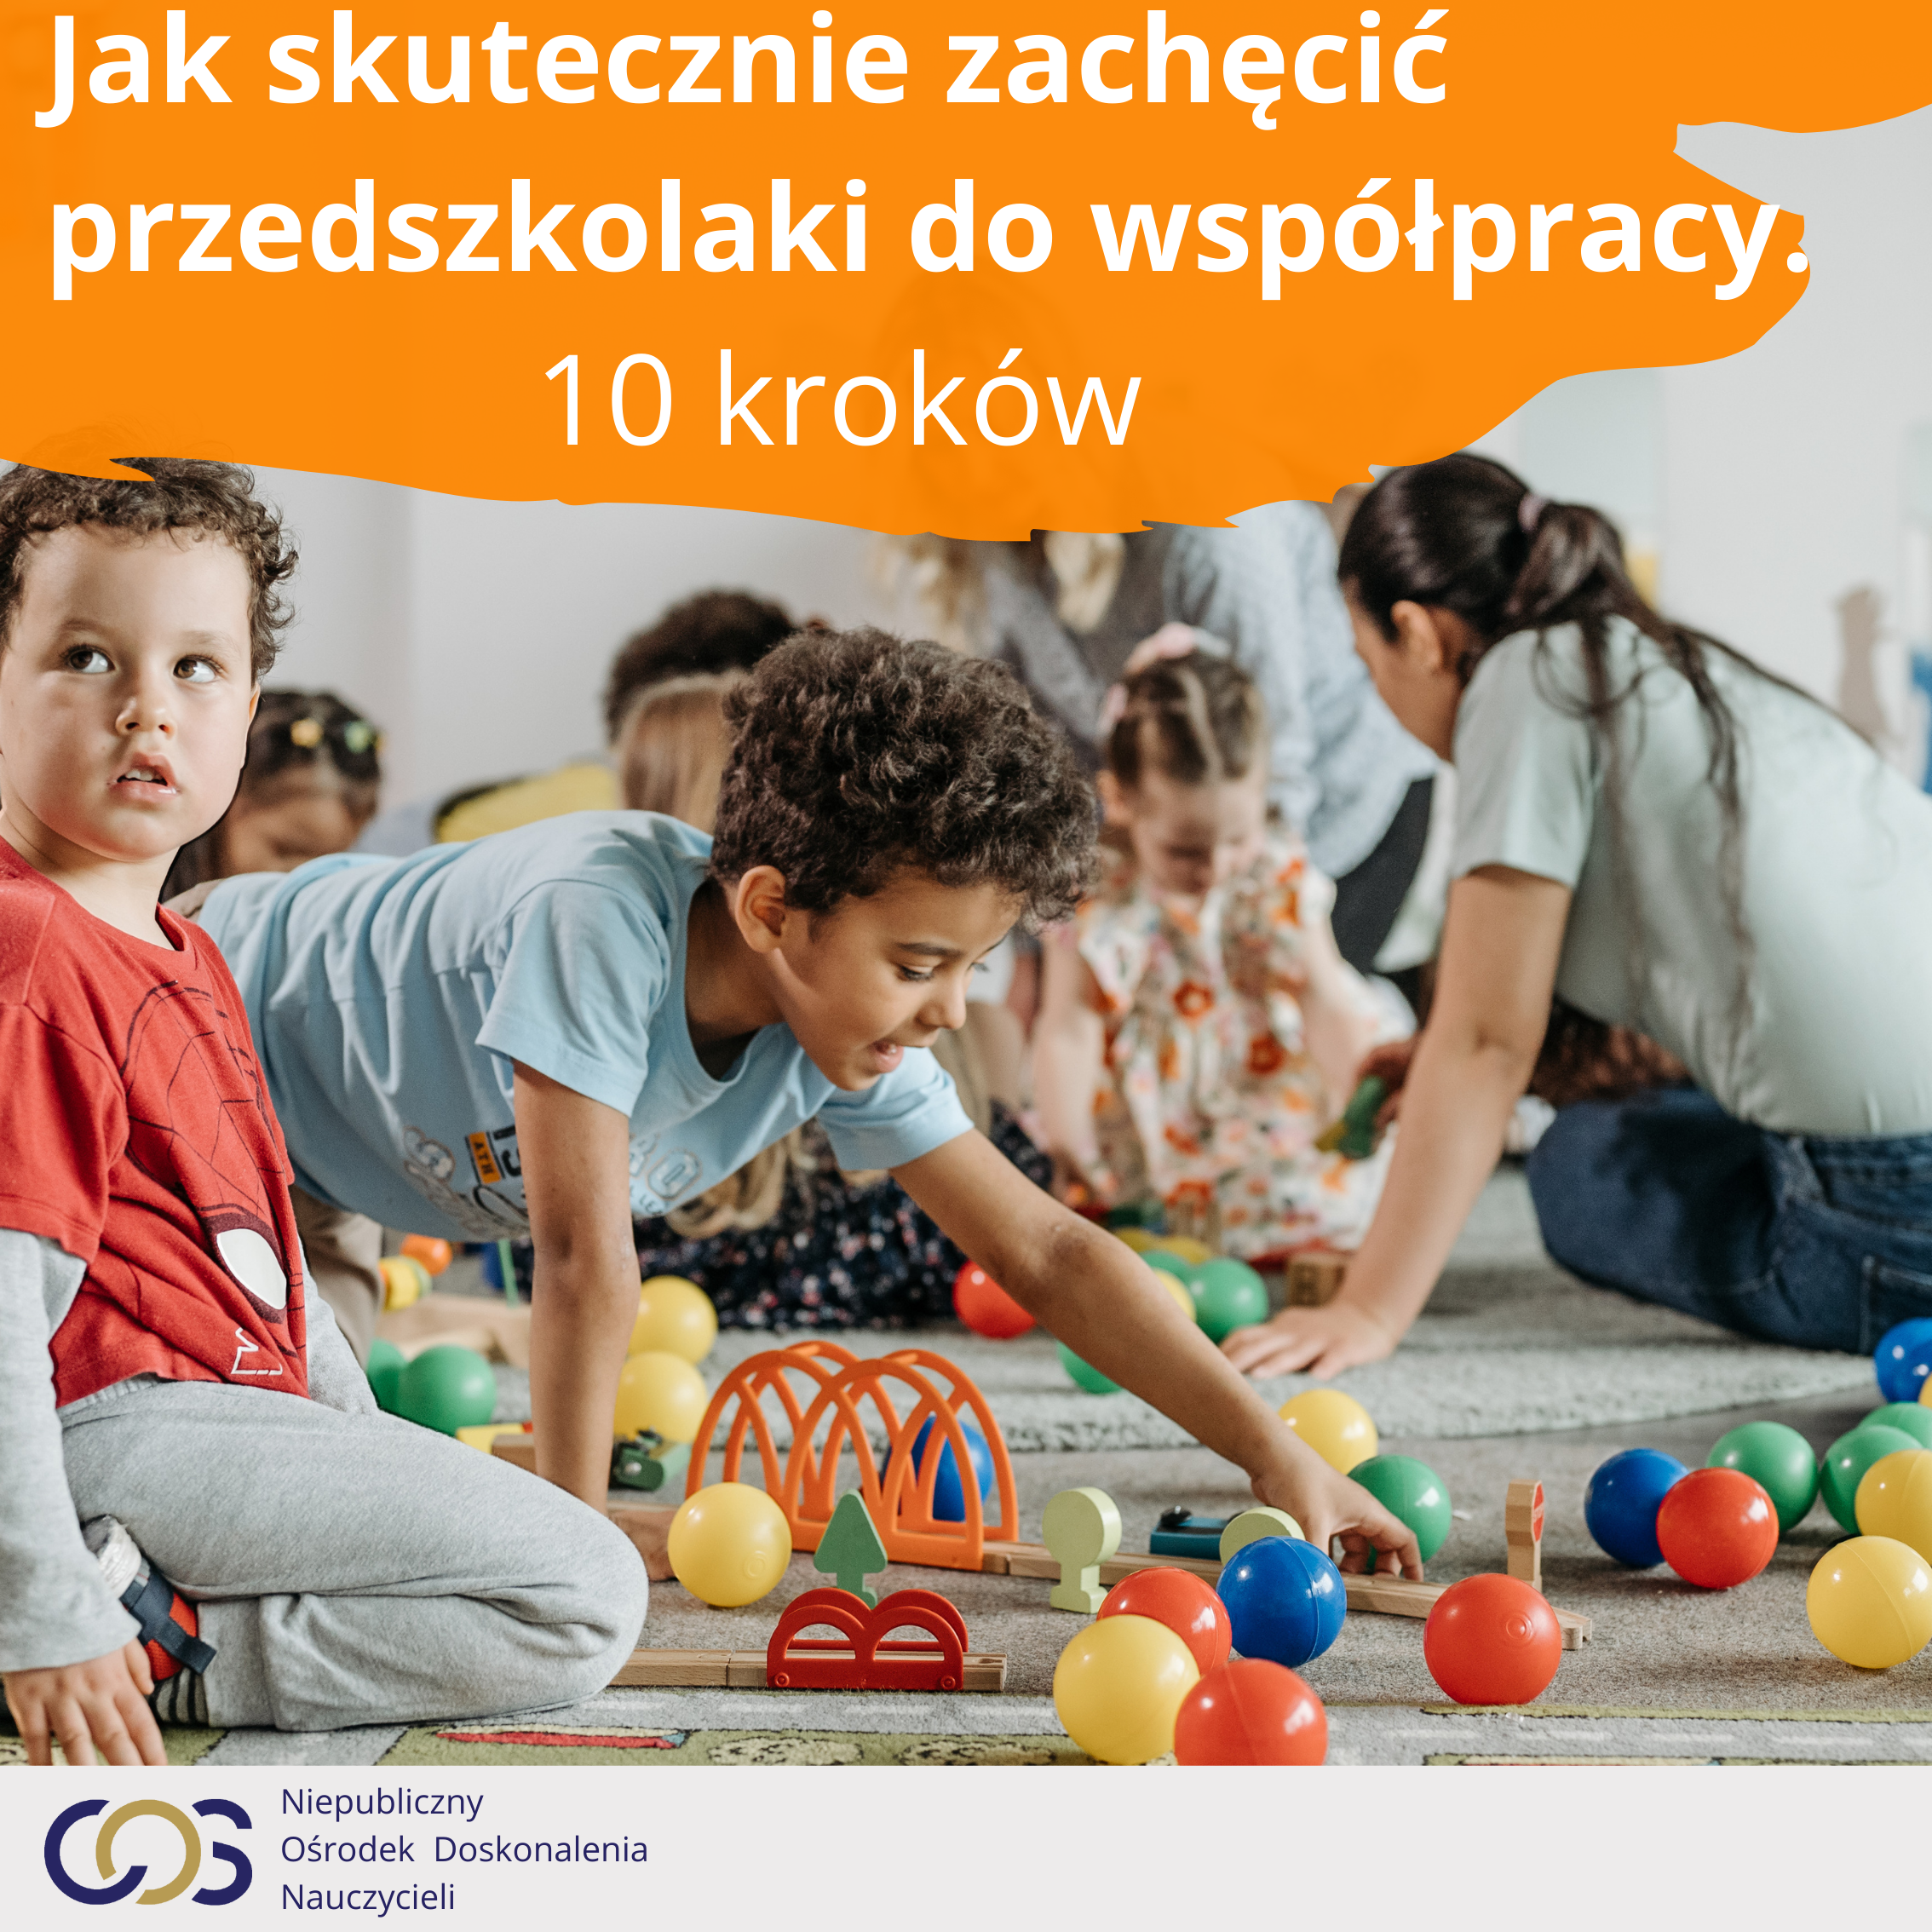 10 kroków.  Współpraca przedszkolaków